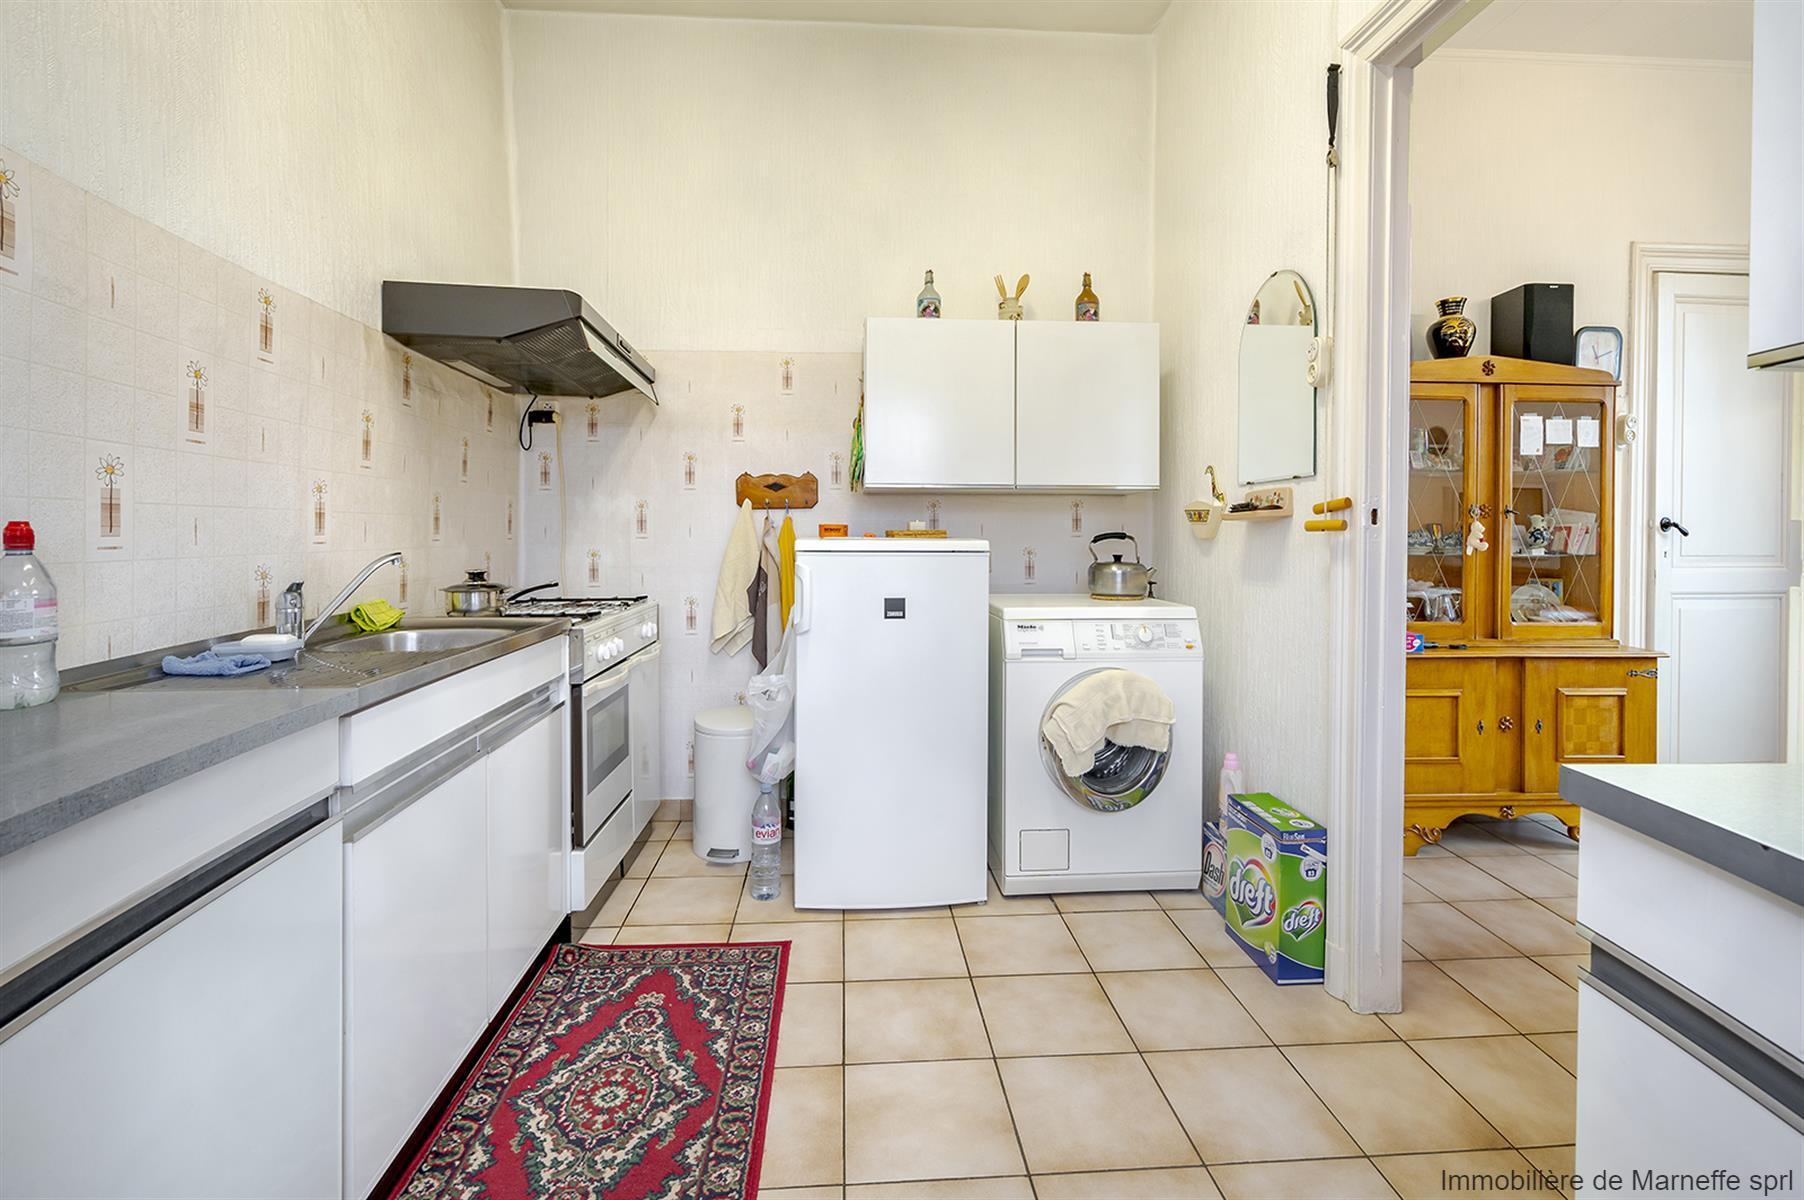 Maison - Villers-le-Bouillet - #3972205-8